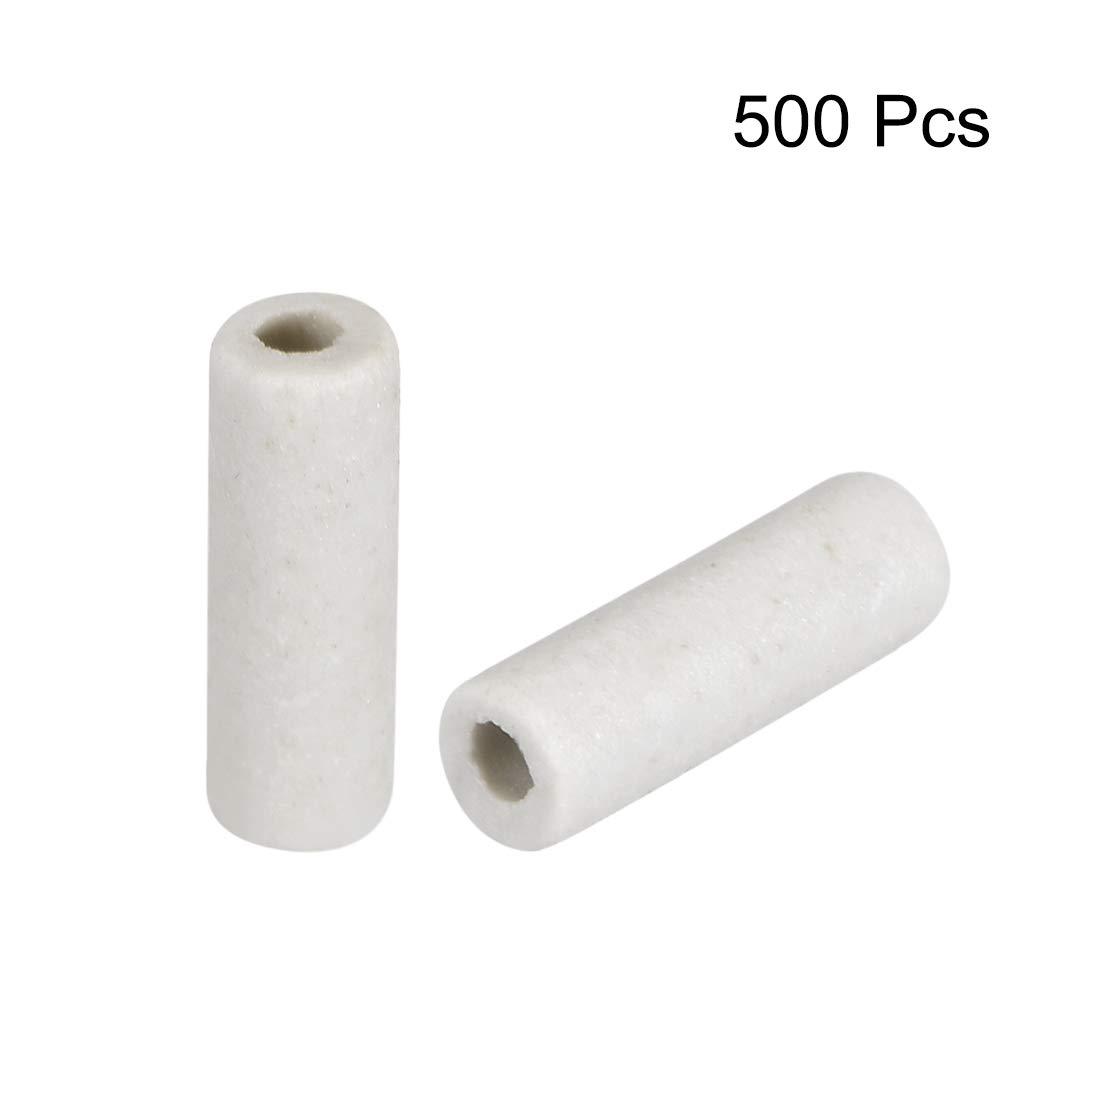 Tubo aislante de cer/ámica Sourcingmap 1 mm de di/ámetro, 500 unidades